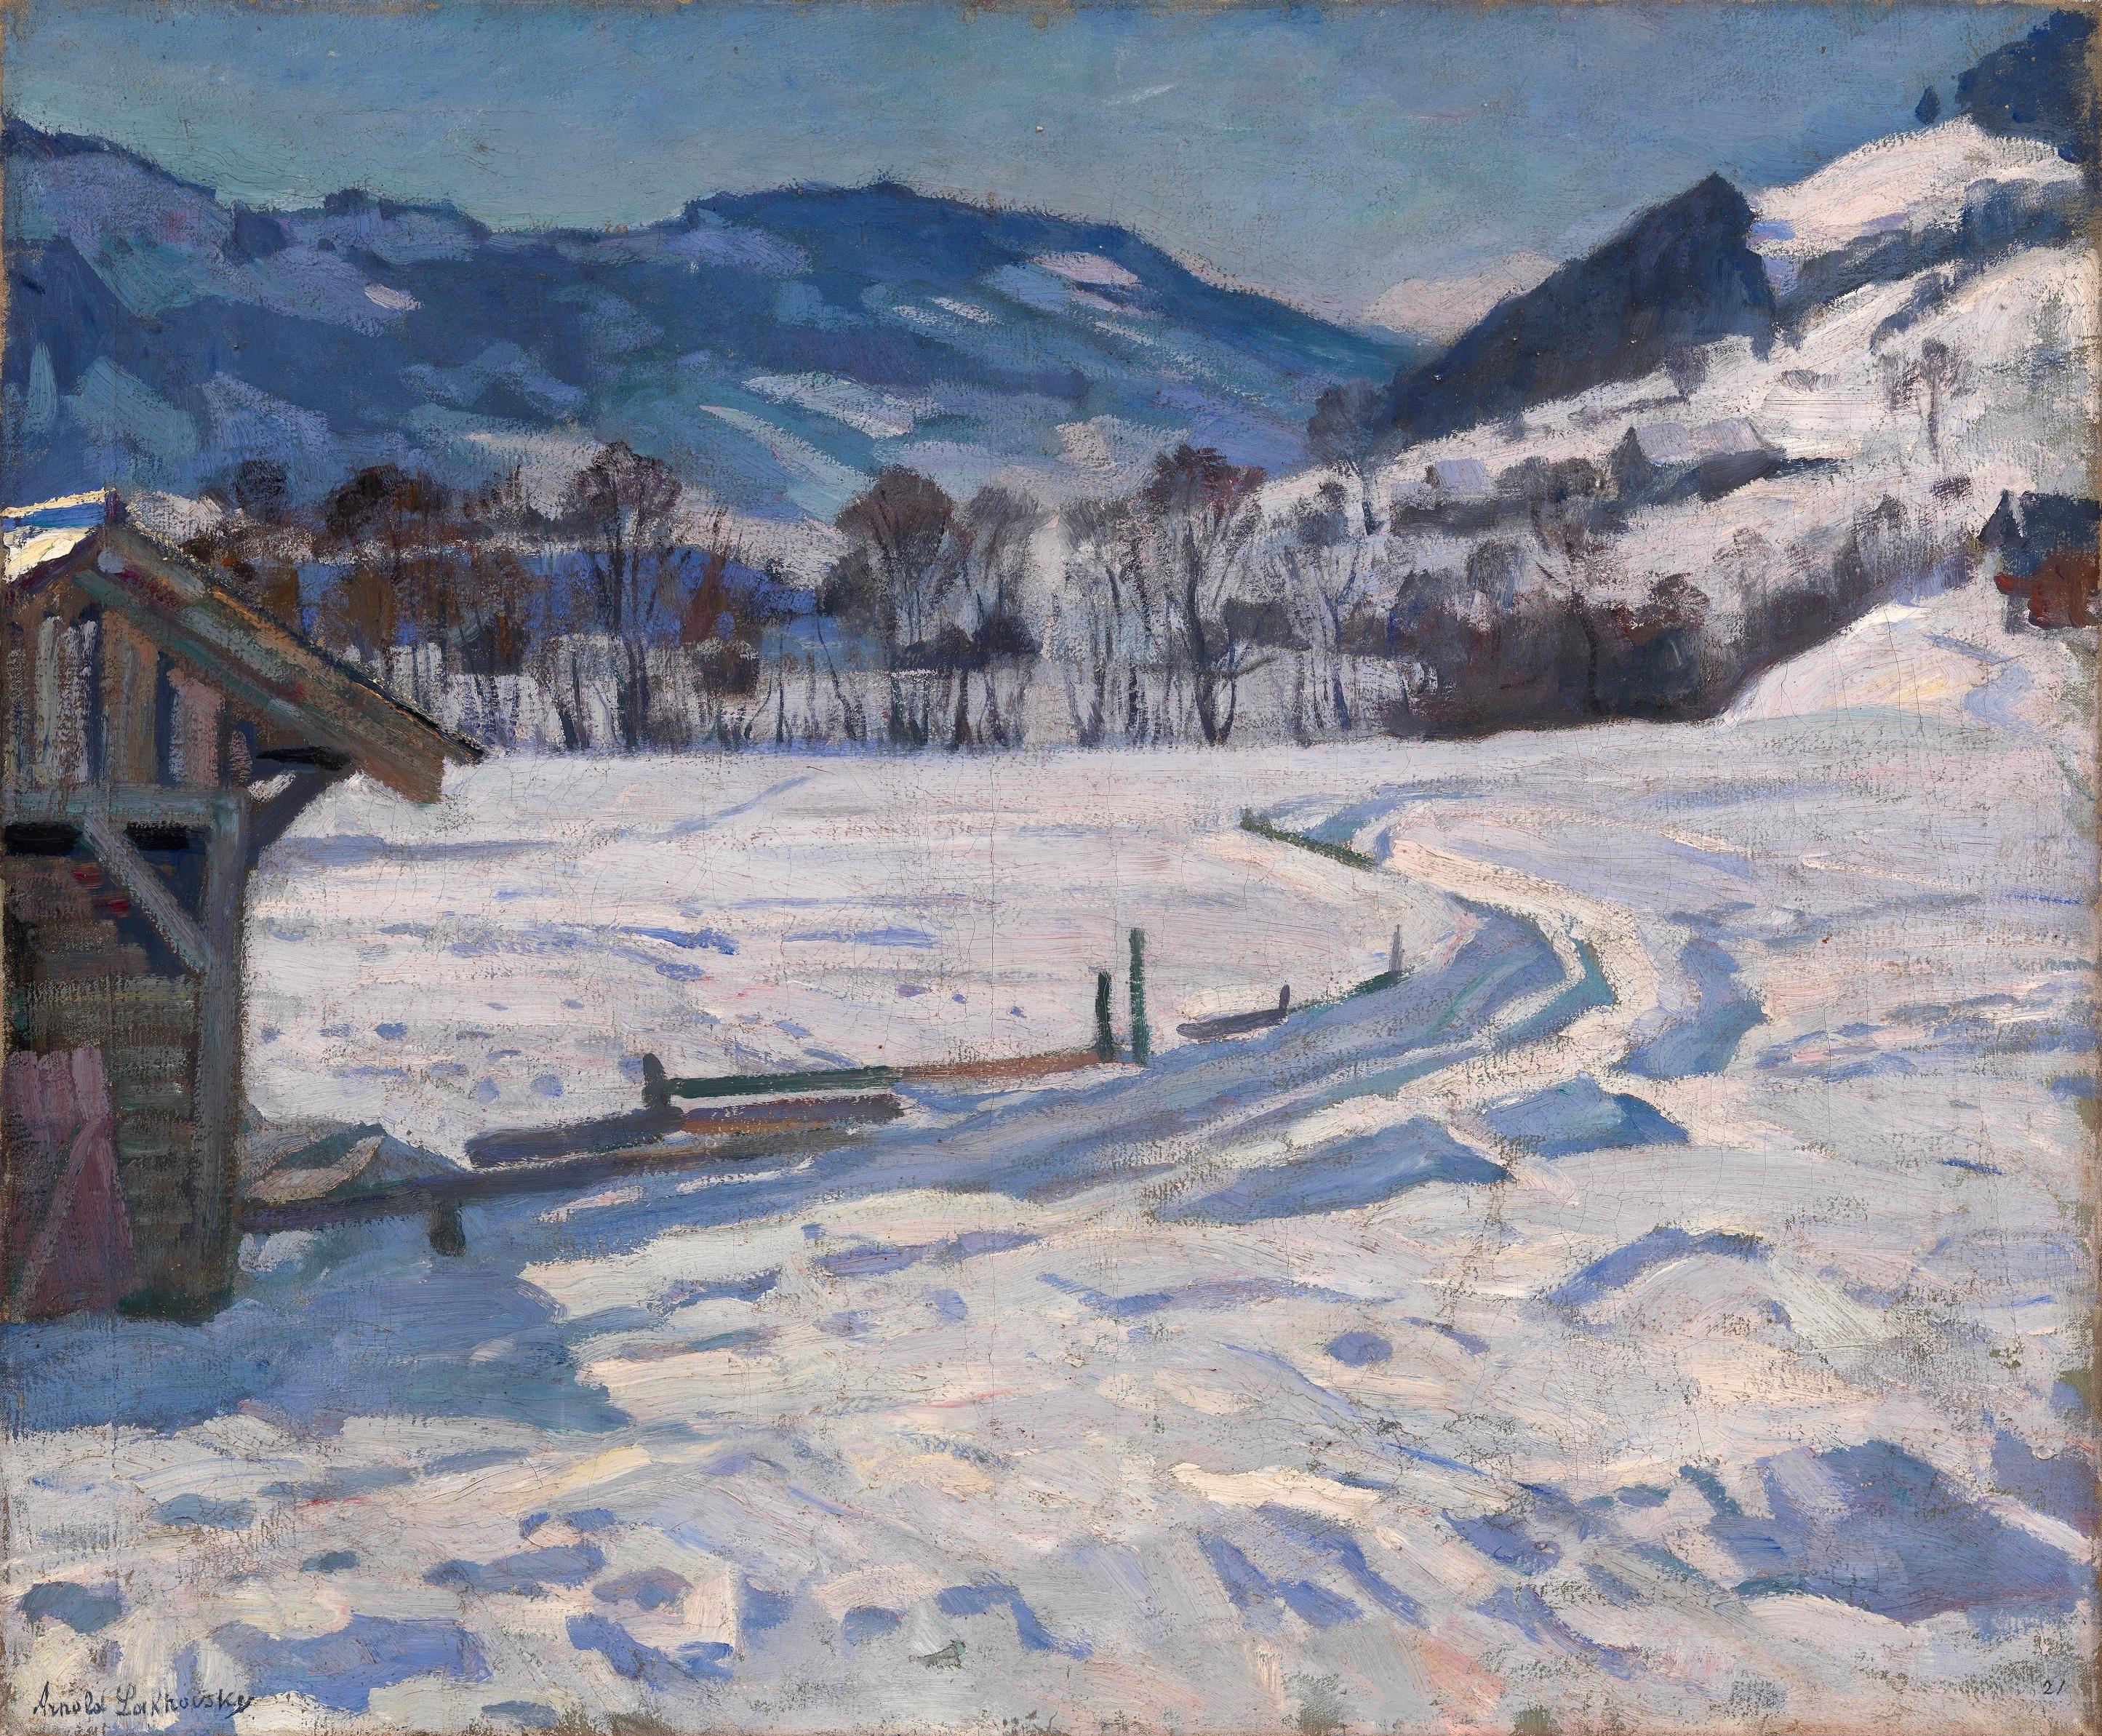 LAKHOVSKY, ARNOLD Winter Landscape